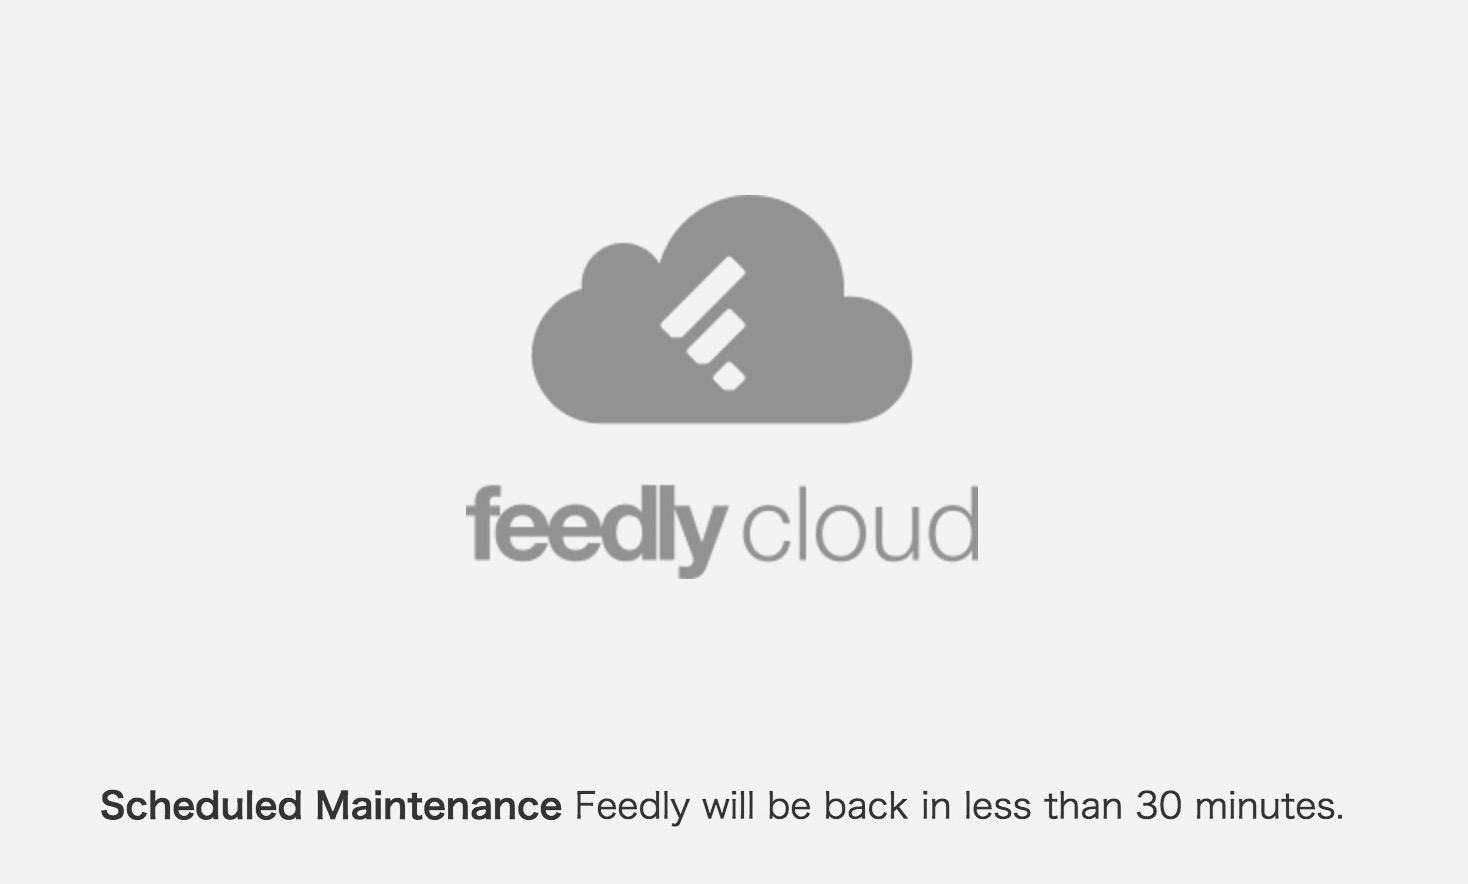 復旧:feedlyでネットワーク障害、Reederなど利用不可に